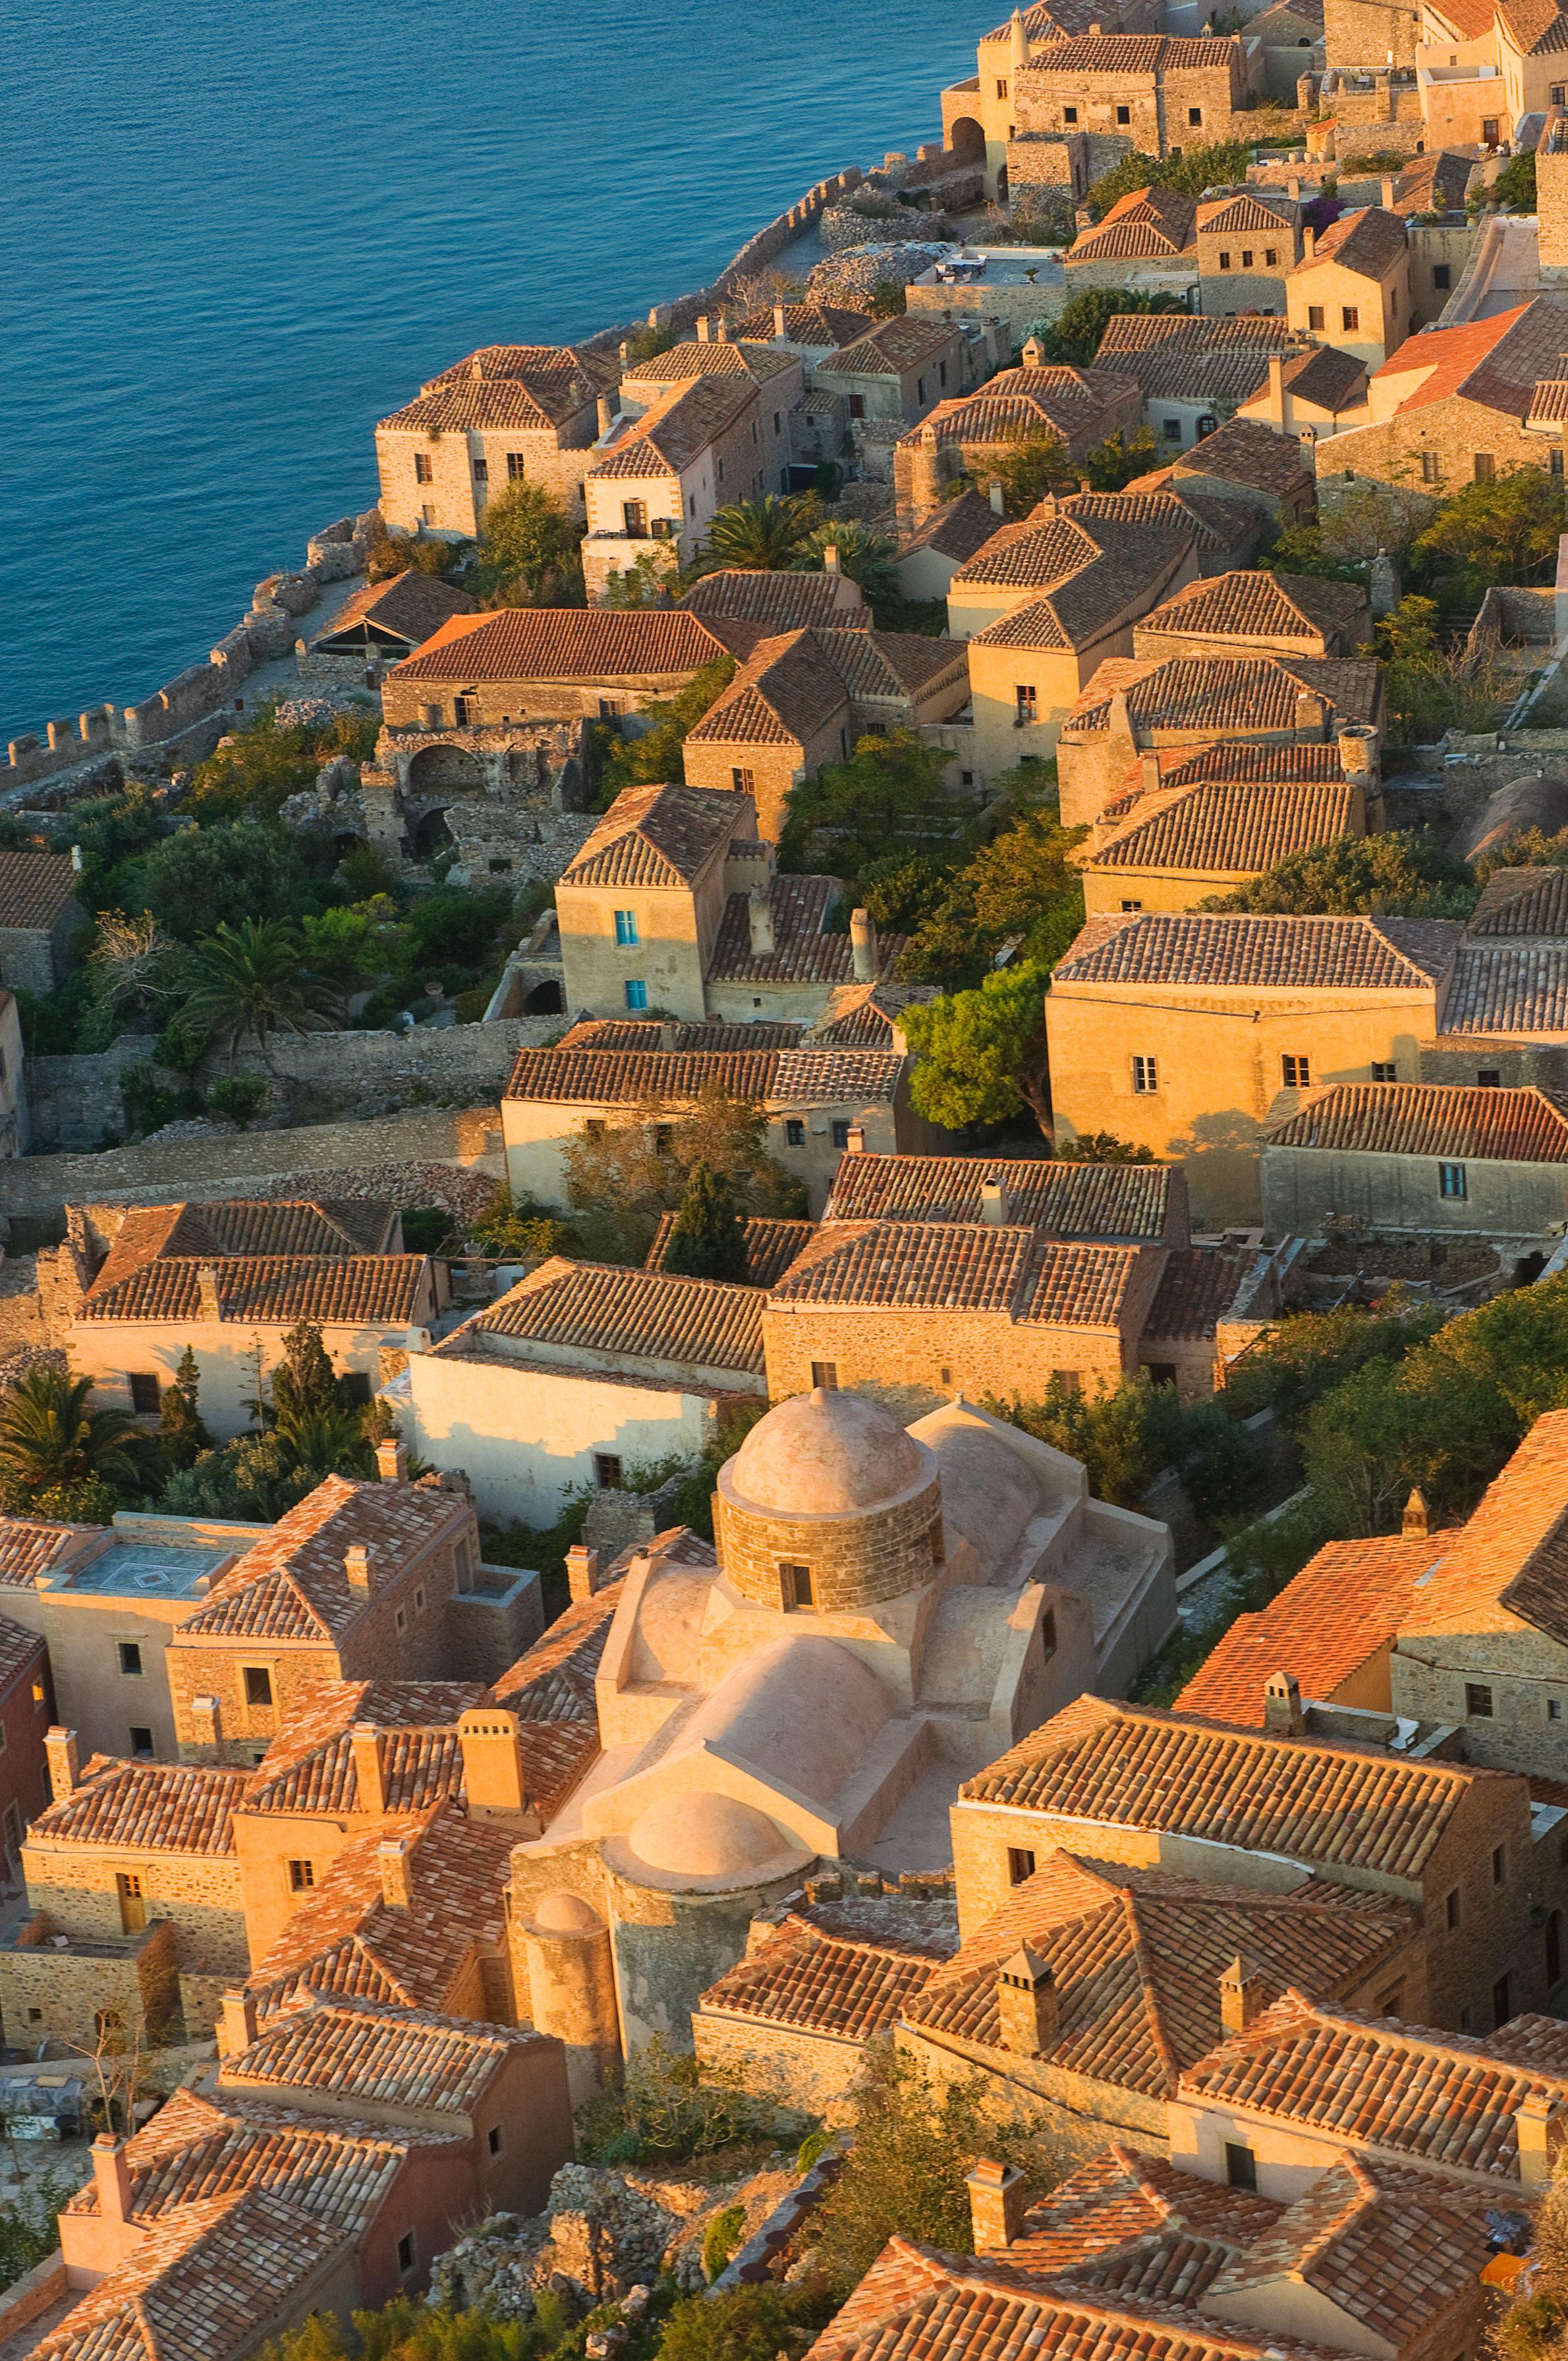 medieval-walled-town-of-monemvasia-greece